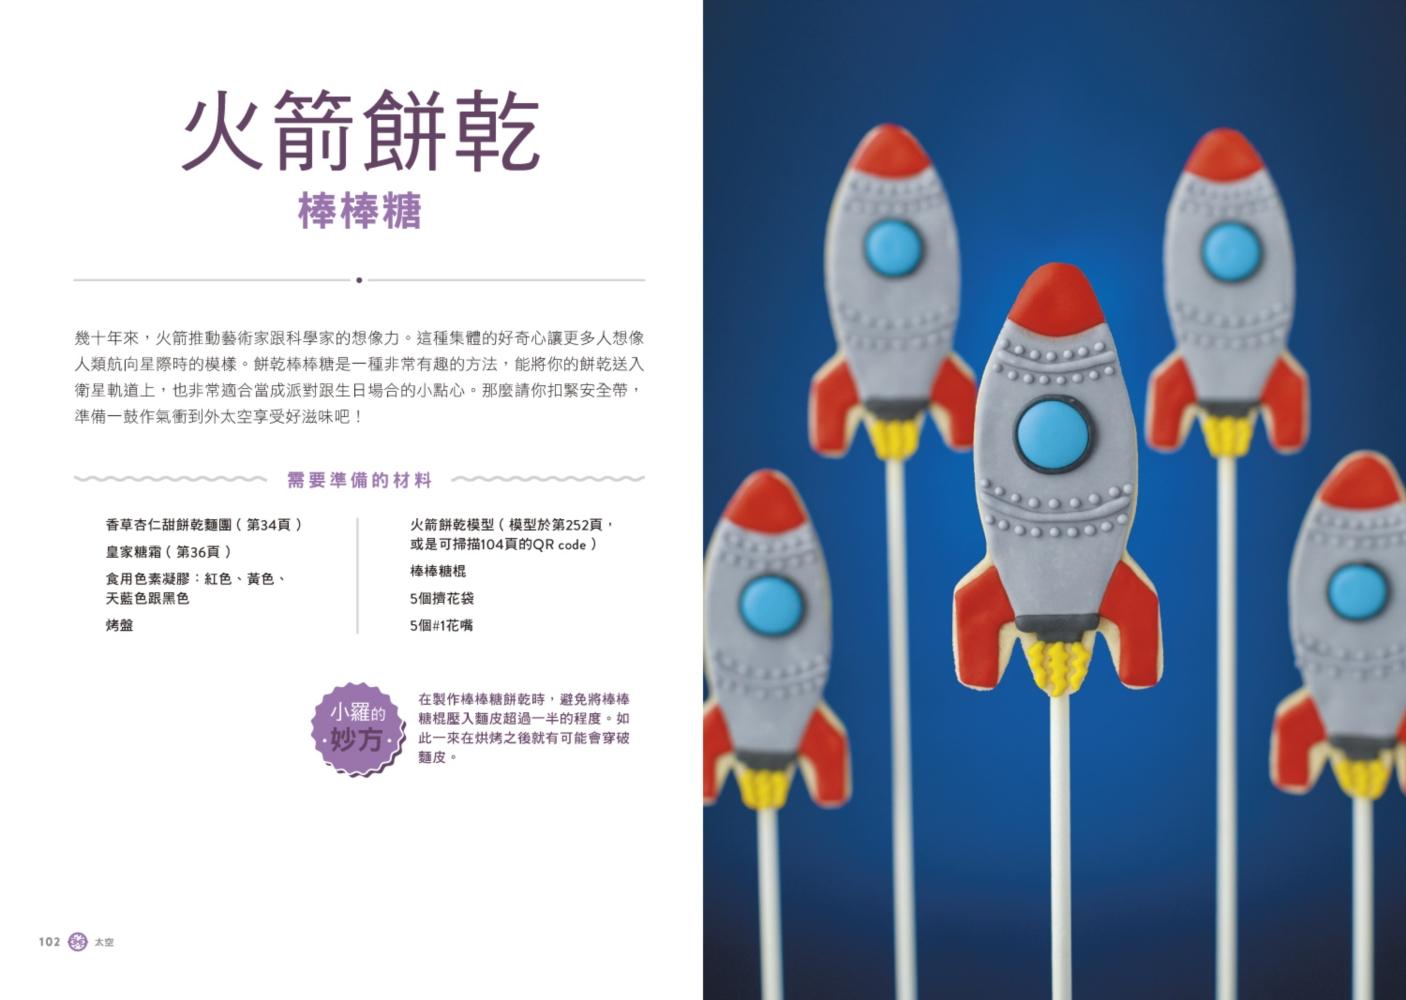 //im2.book.com.tw/image/getImage?i=http://www.books.com.tw/img/001/075/53/0010755383_b_07.jpg&v=5939358e&w=655&h=609